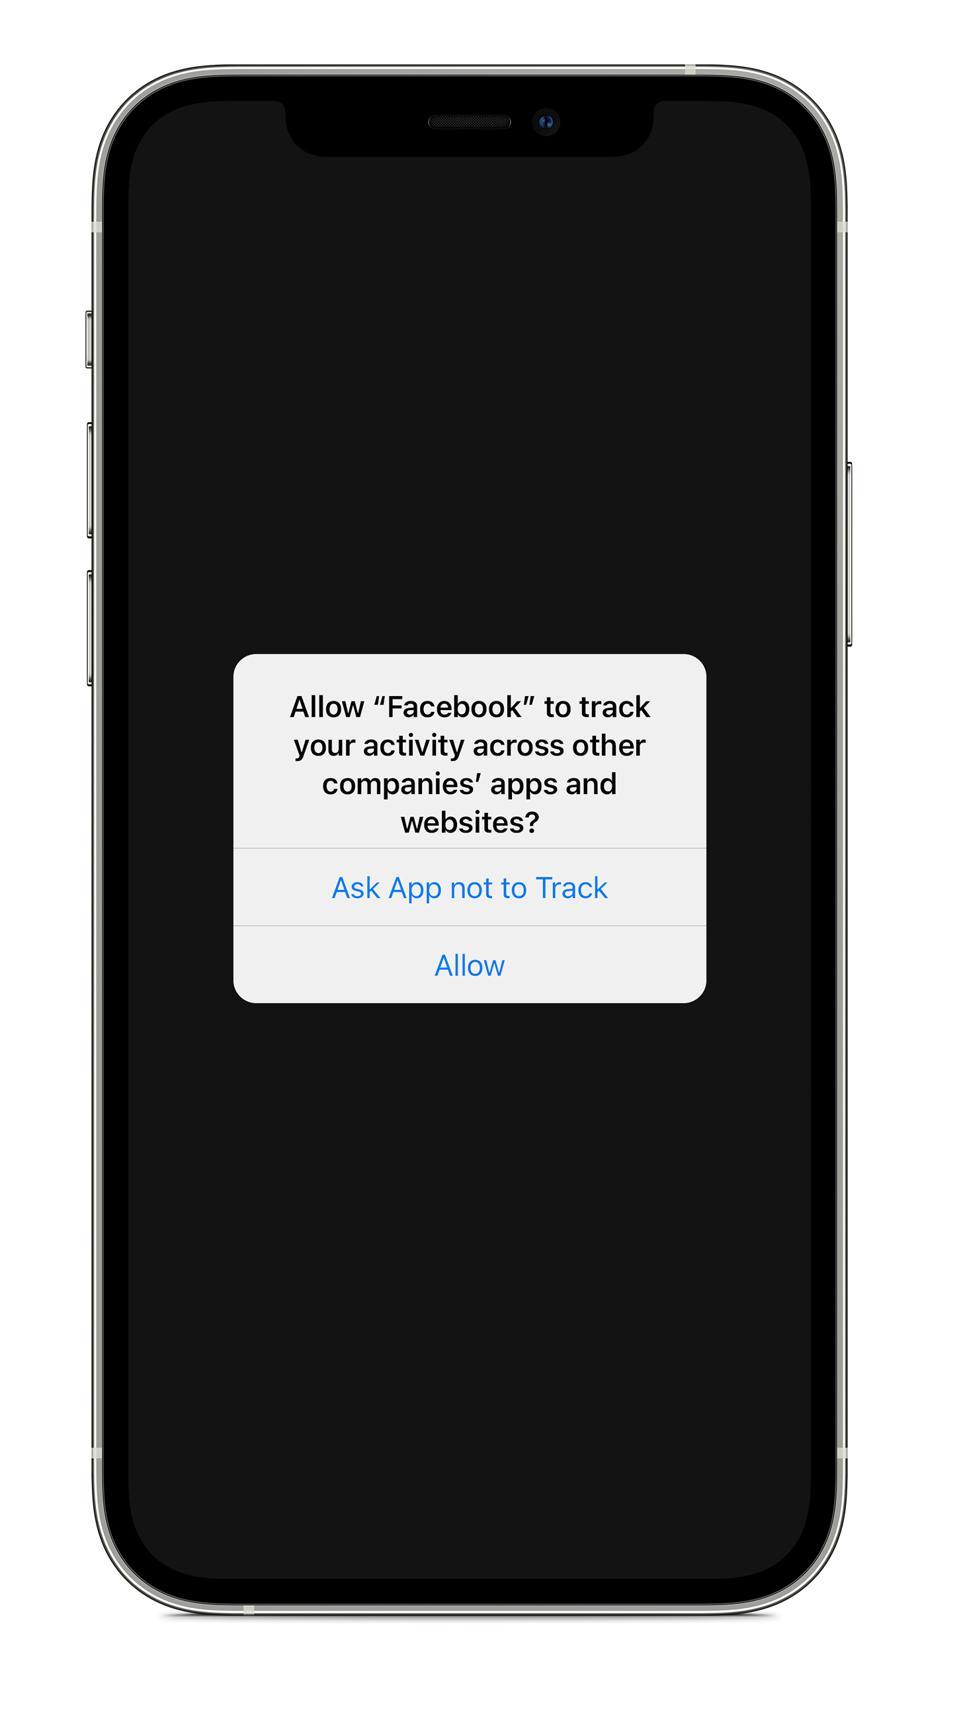 La nouvelle fonctionnalité de confidentialité d'iPhone d'Apple, ATT, oblige Facebook à demander à suivre.